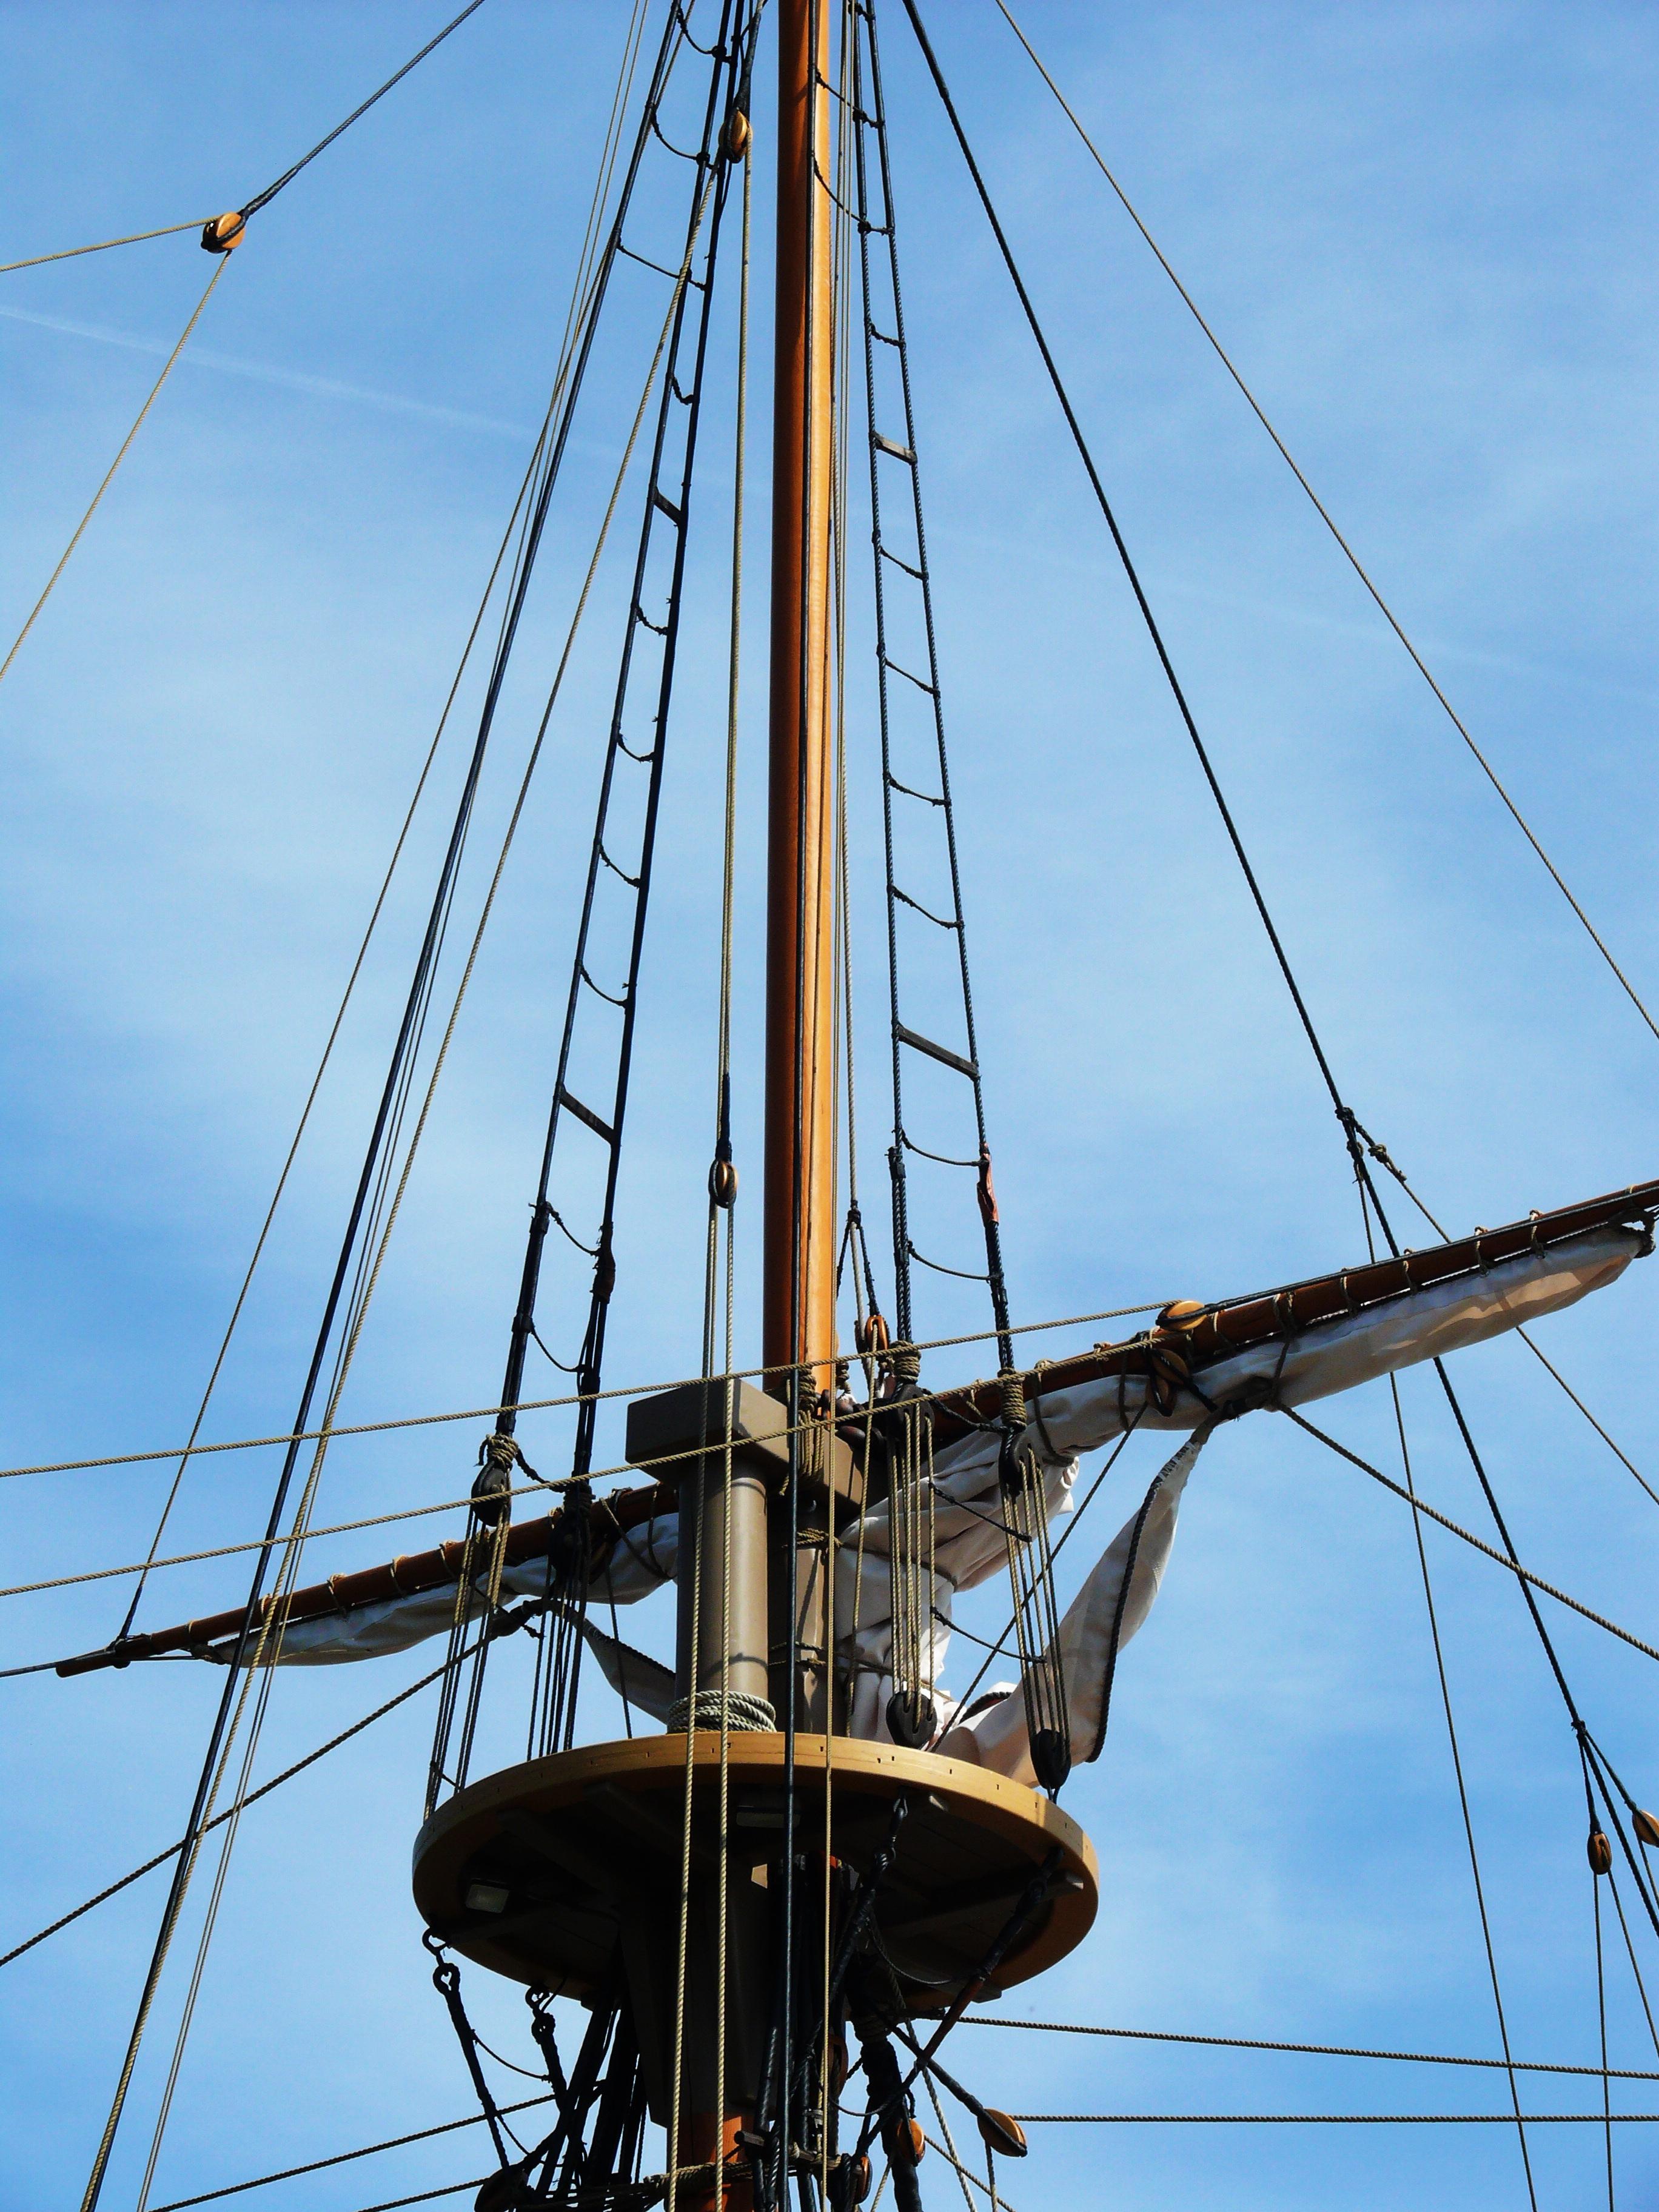 Free Images : sky, boat, vehicle, mast, rigging, sailboat, sail